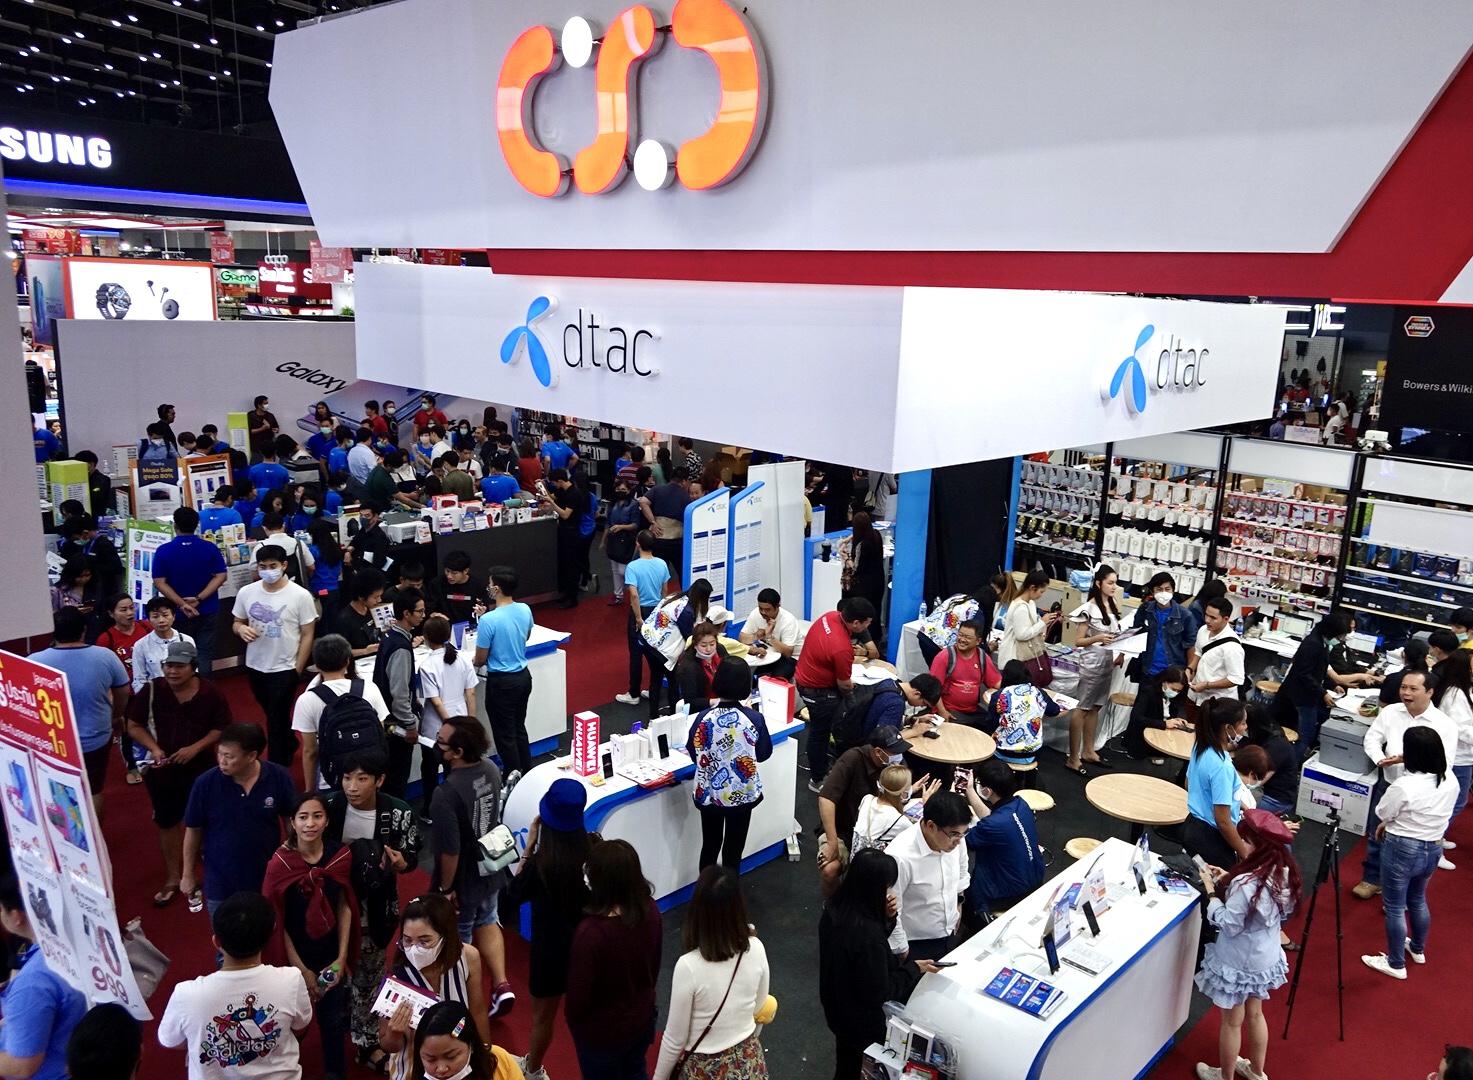 ดีแทคจับมือสองพันธมิตรผู้จำหน่ายสมาร์ทโฟนรายใหญ่ของไทย CSC และ IT CITY ขยายช่องทางจัดจำหน่ายสินค้าและบริการเพิ่มขึ้นกว่า 400 สาขาทั่วประเทศ